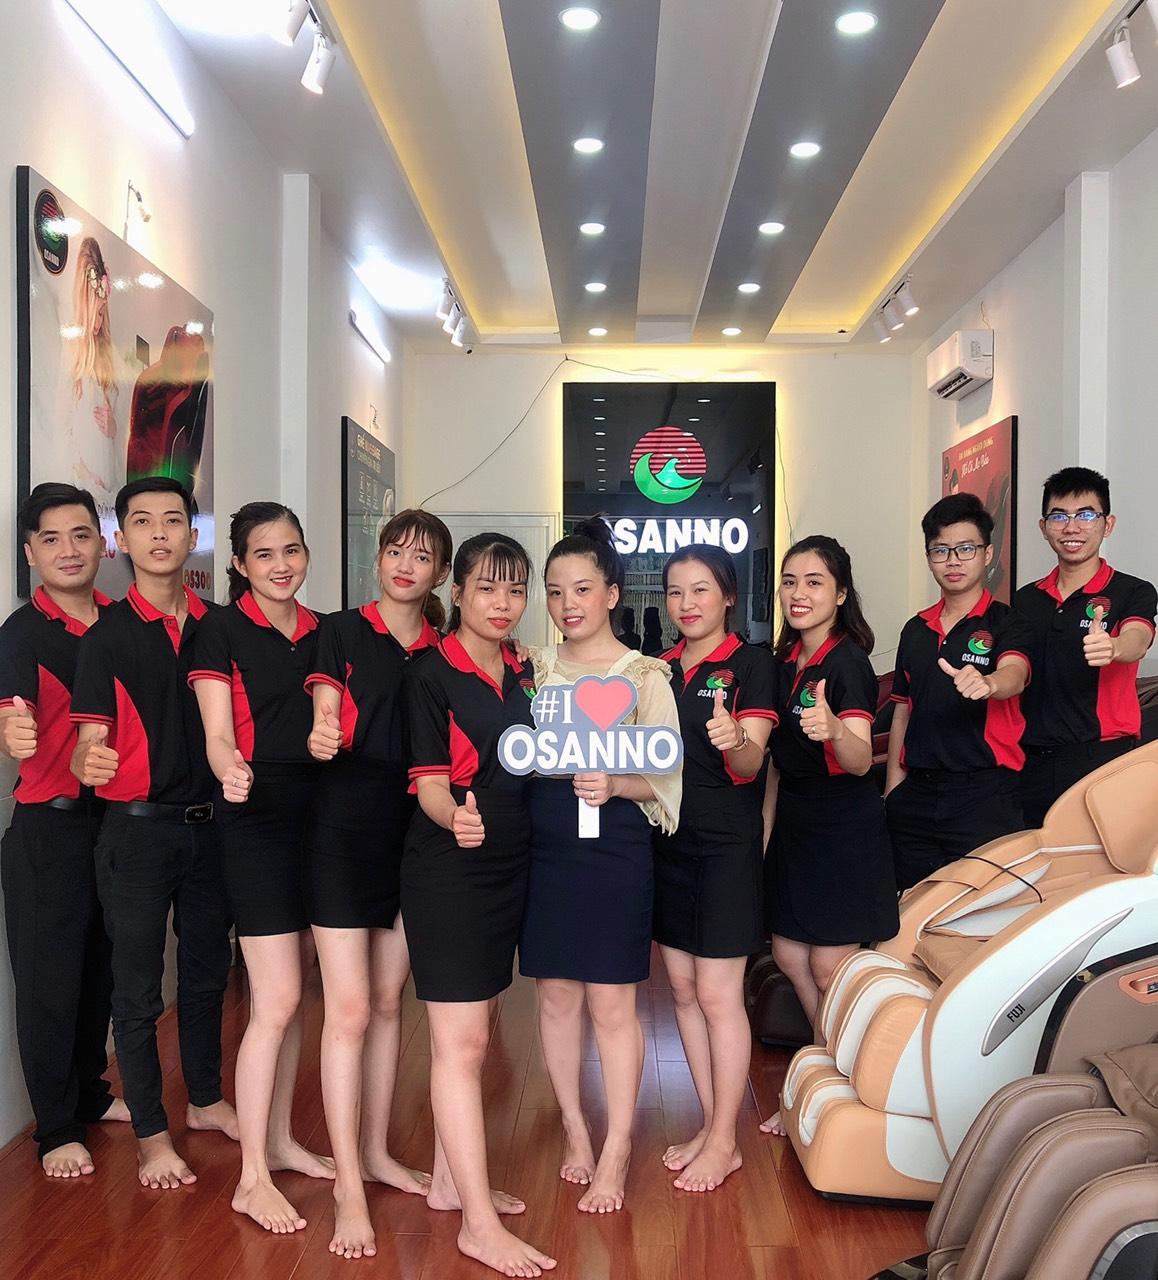 địa chỉ mua ghế massage OSANNO ở Hồ Chí Minh